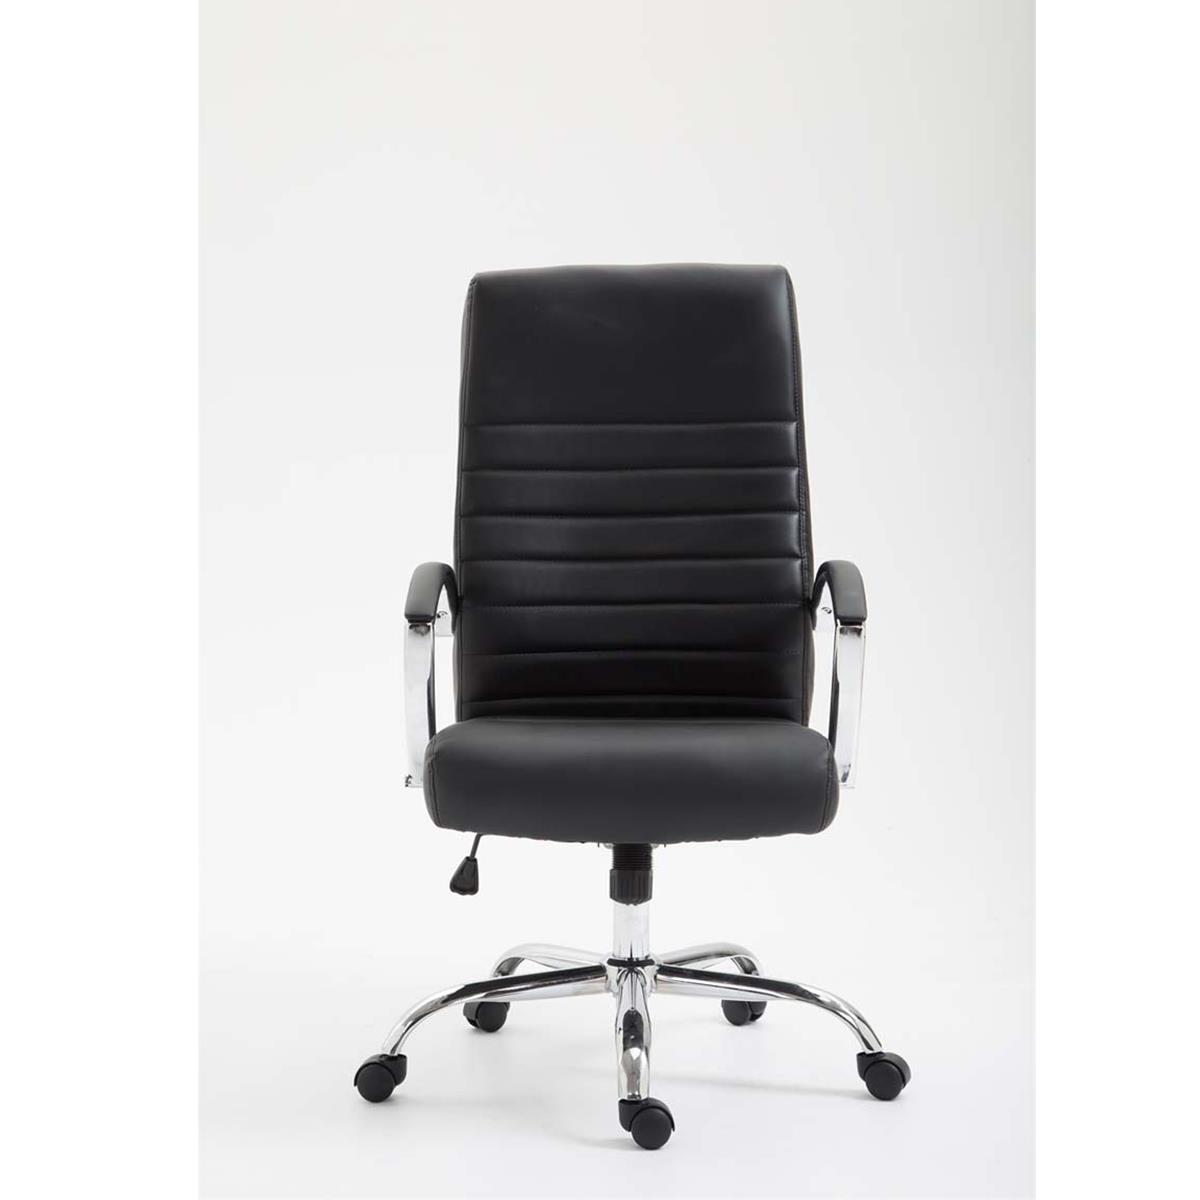 Sedia da ufficio vancouver in pelle color nero for Design sedia ufficio